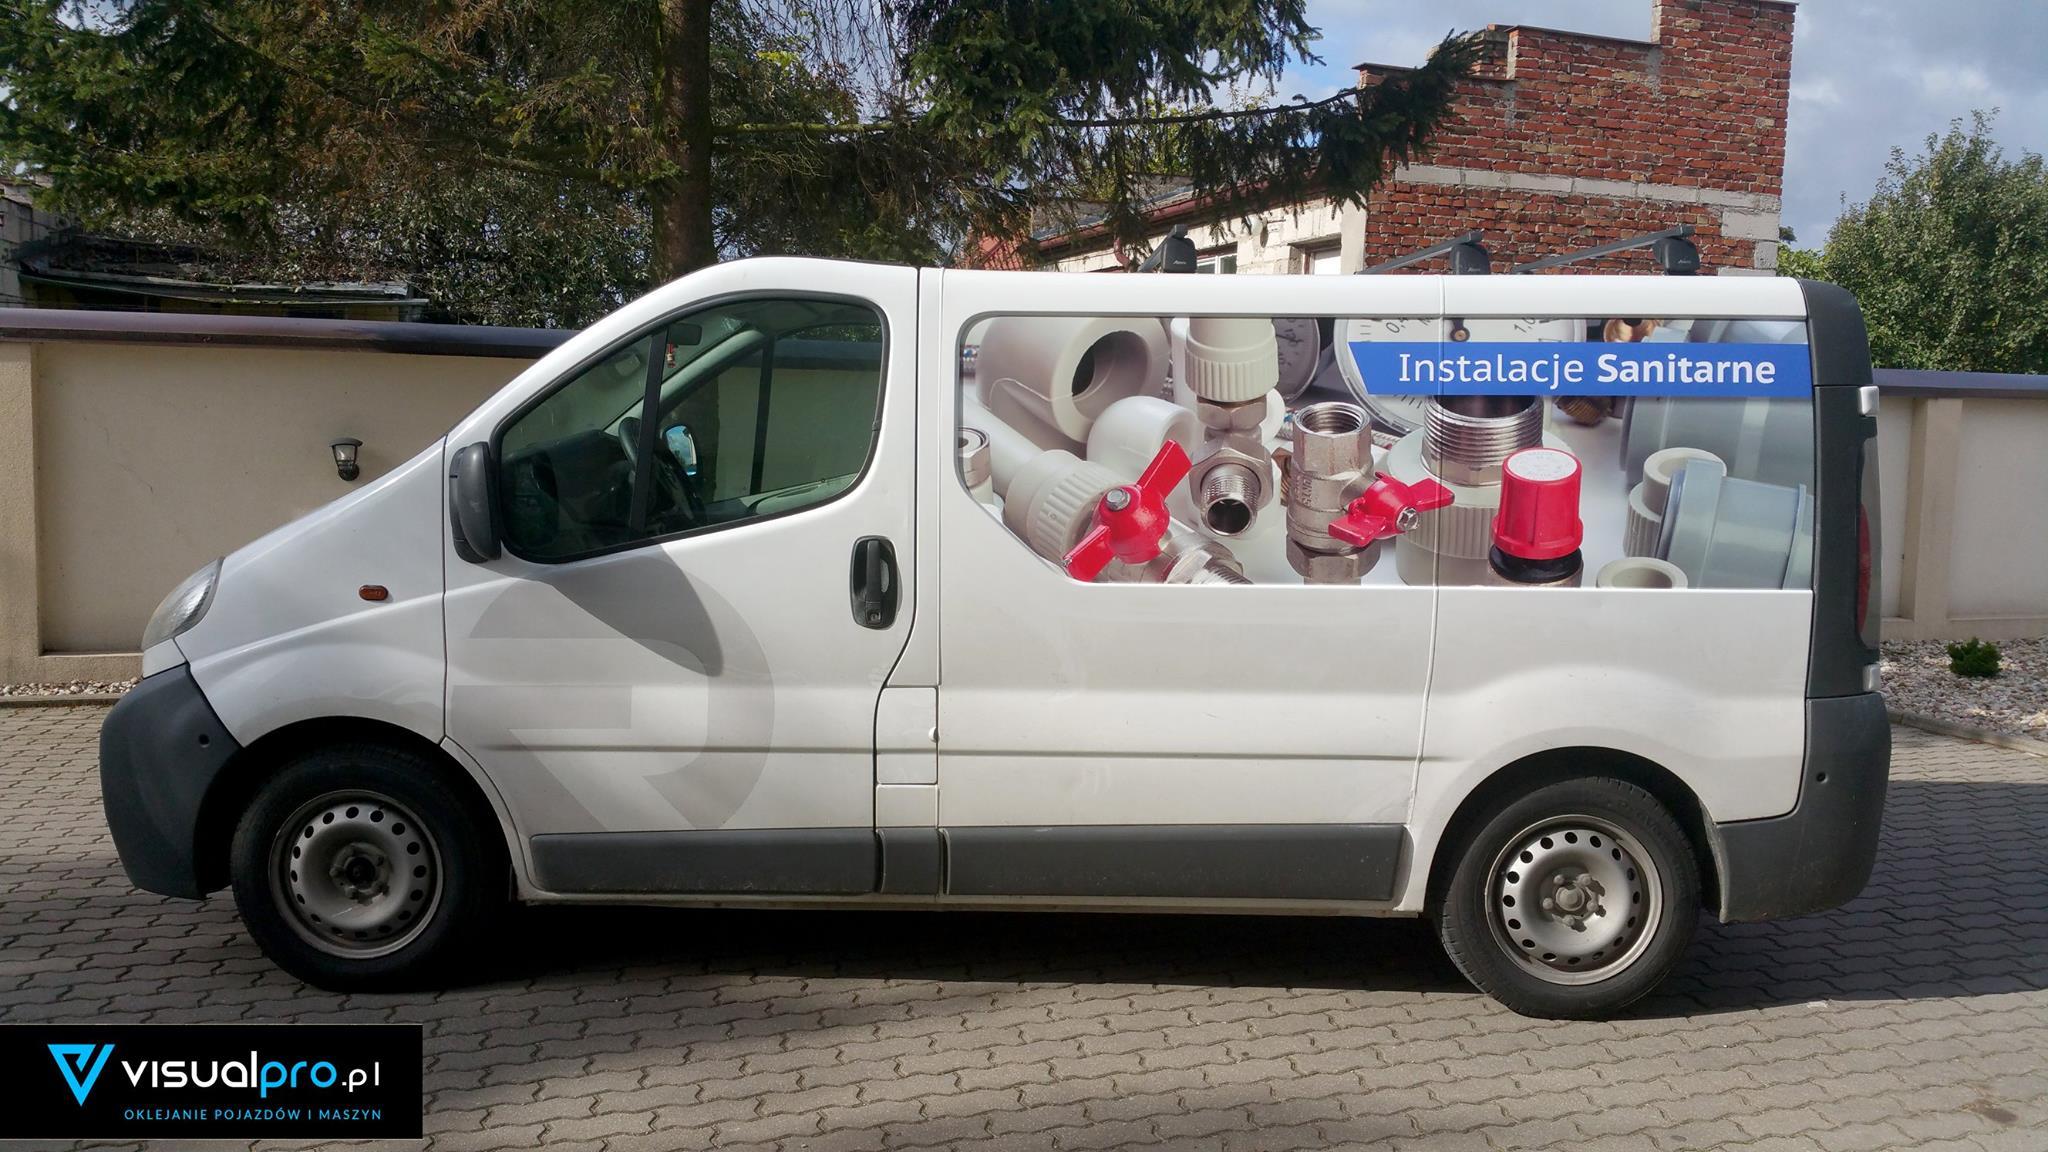 Reklama Na Samochodzie Instalacje Sanitarne